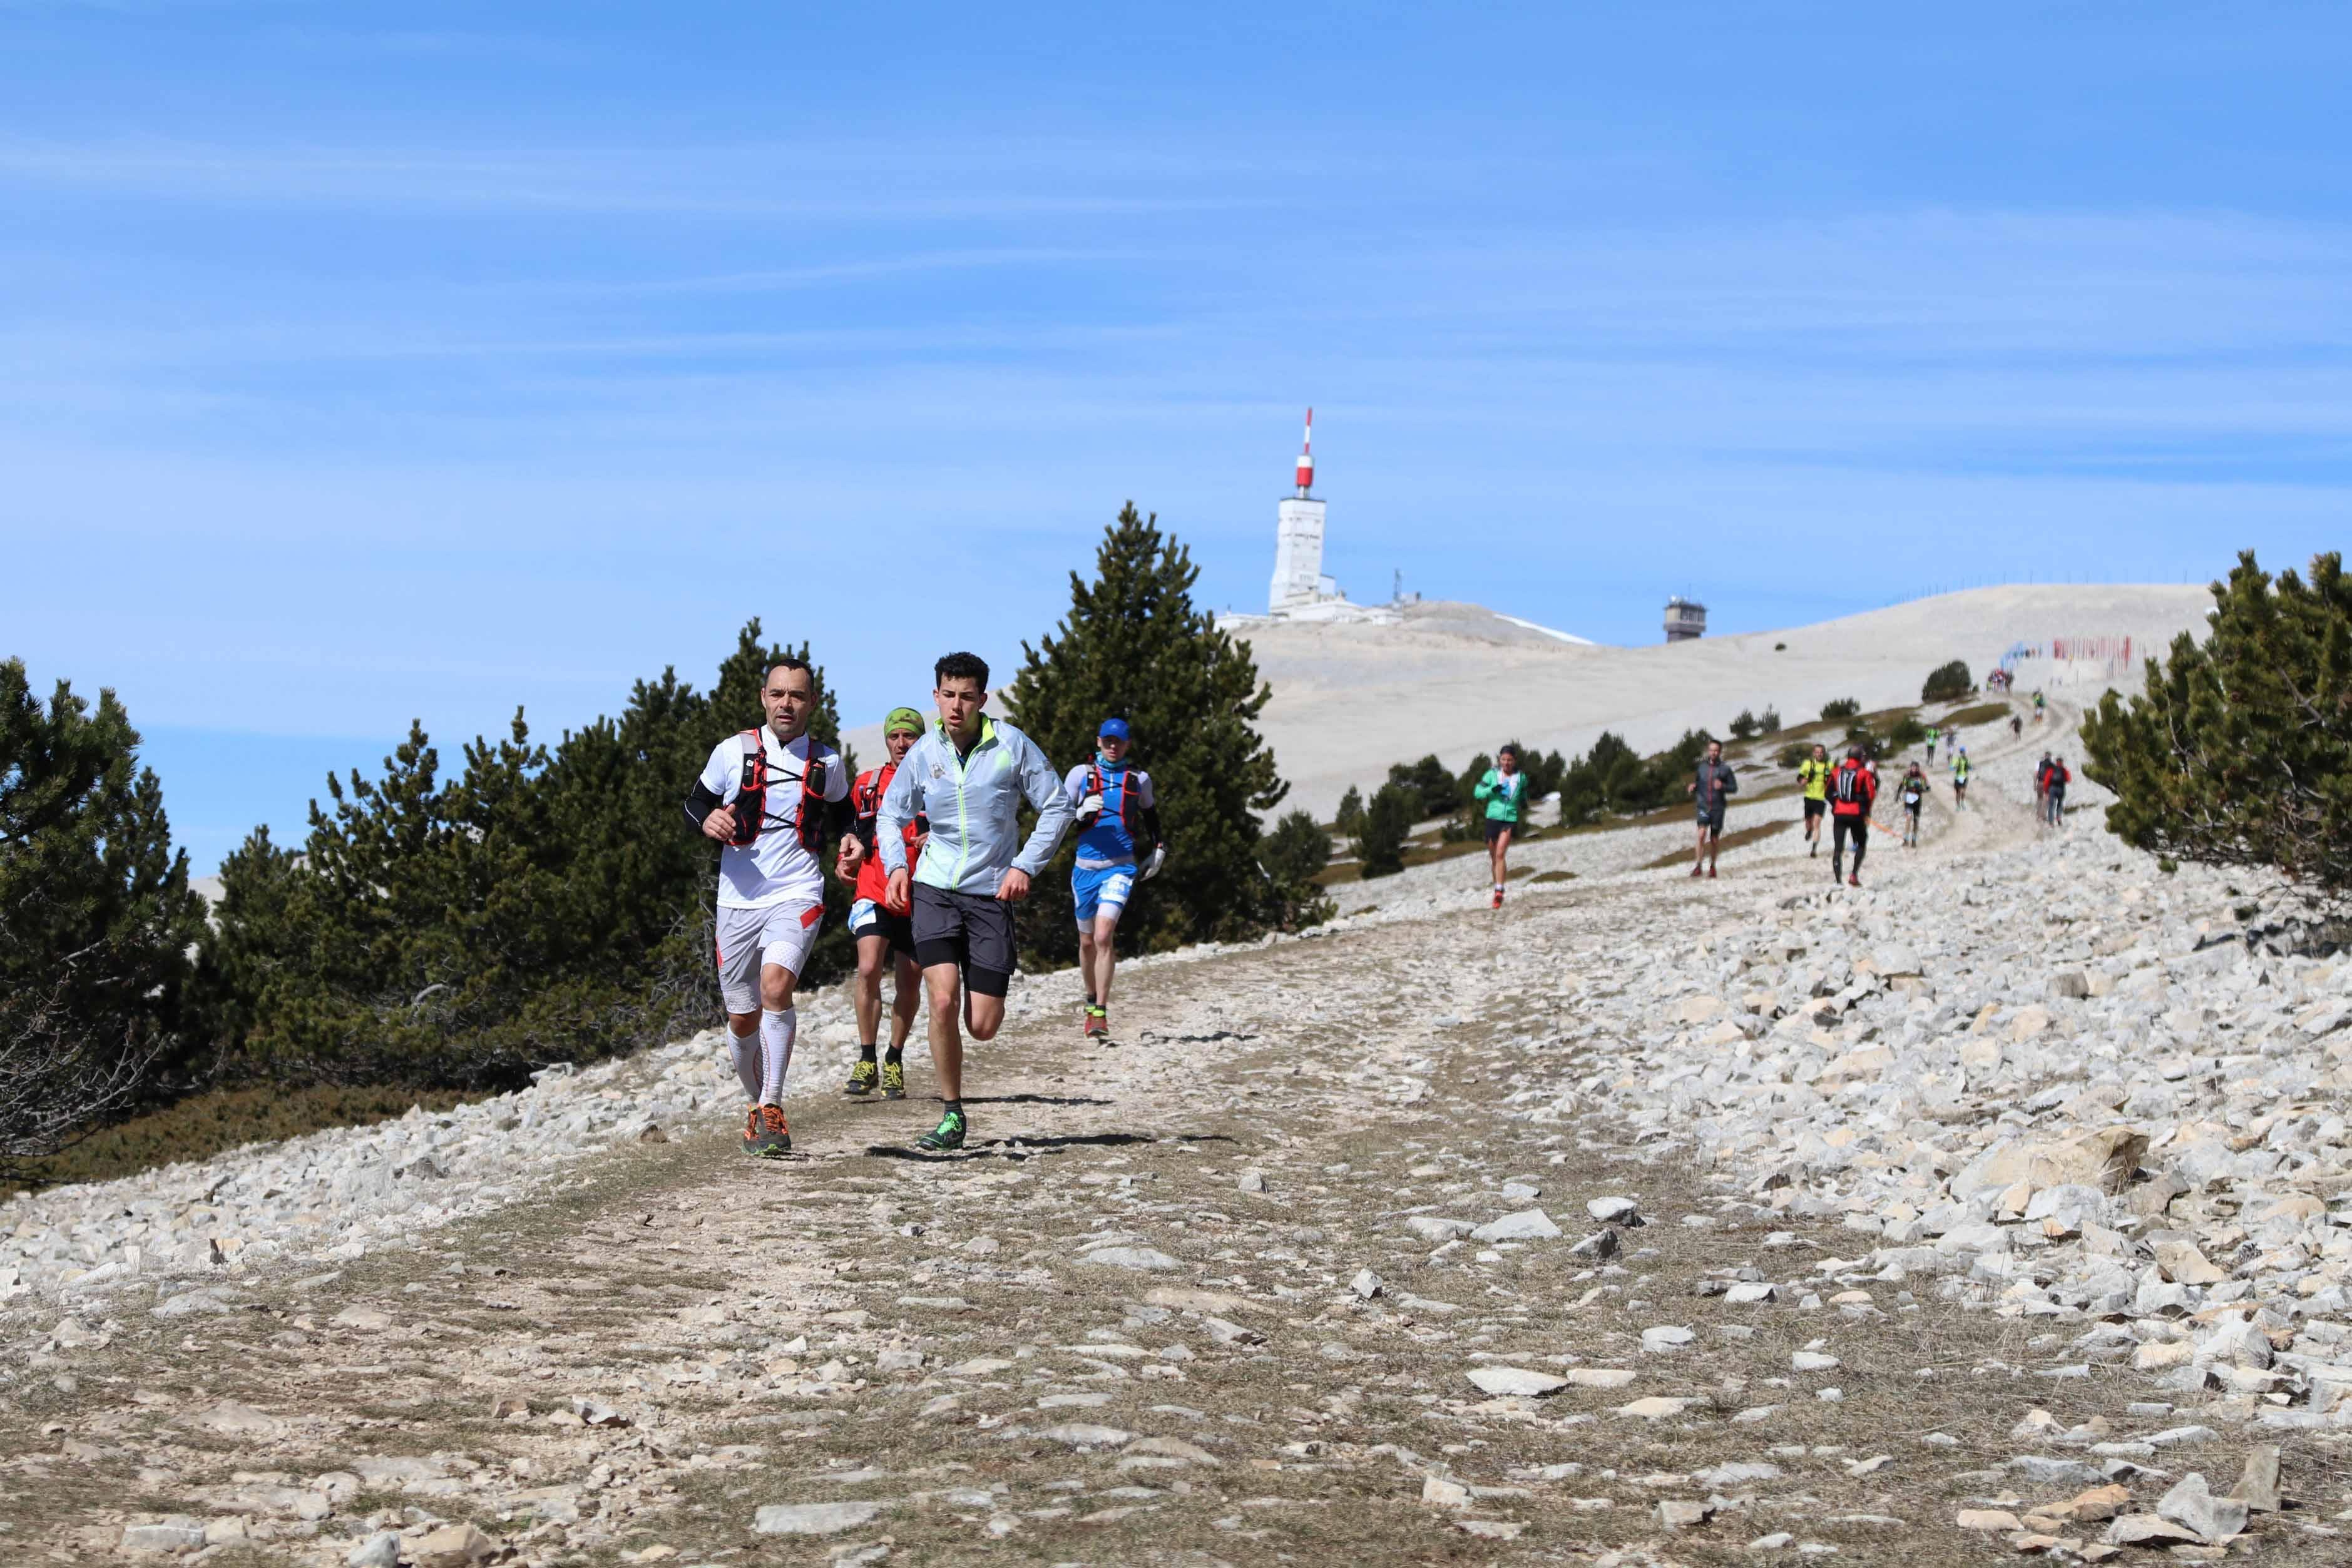 8 ambiance 46 km photo Robert Goin - RESULTATS ET COMMENTAIRES DU TRAIL DU VENTOUX 19-03-2017 (par Robert Goin)